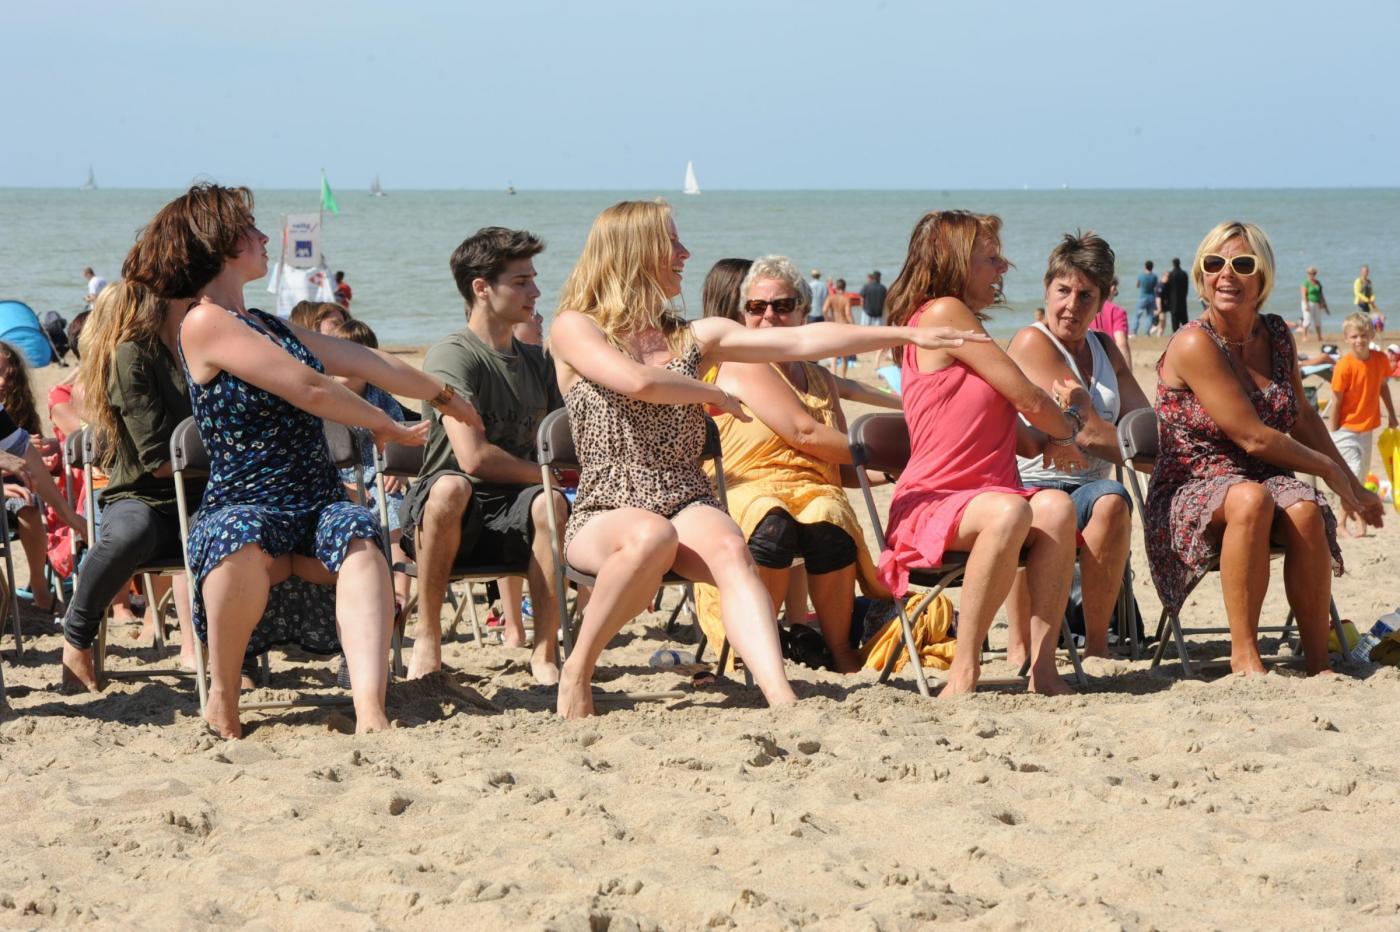 Belgio, la curiosa coreografia sulla spiaggia di Ostenda06